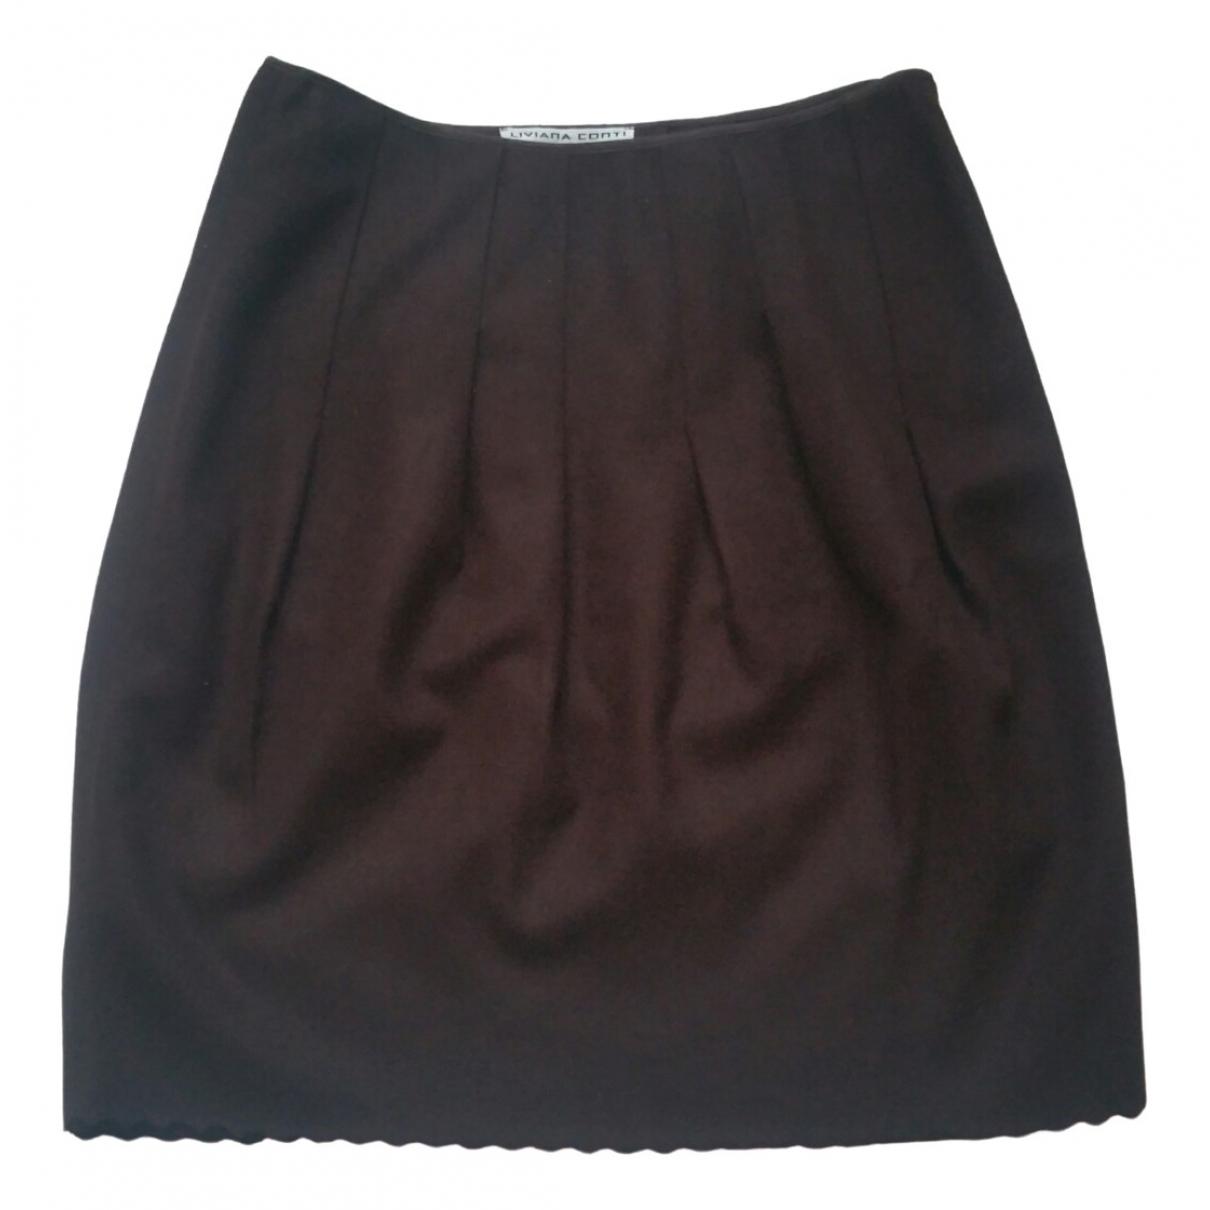 Liviana Conti - Jupe   pour femme en laine - marron